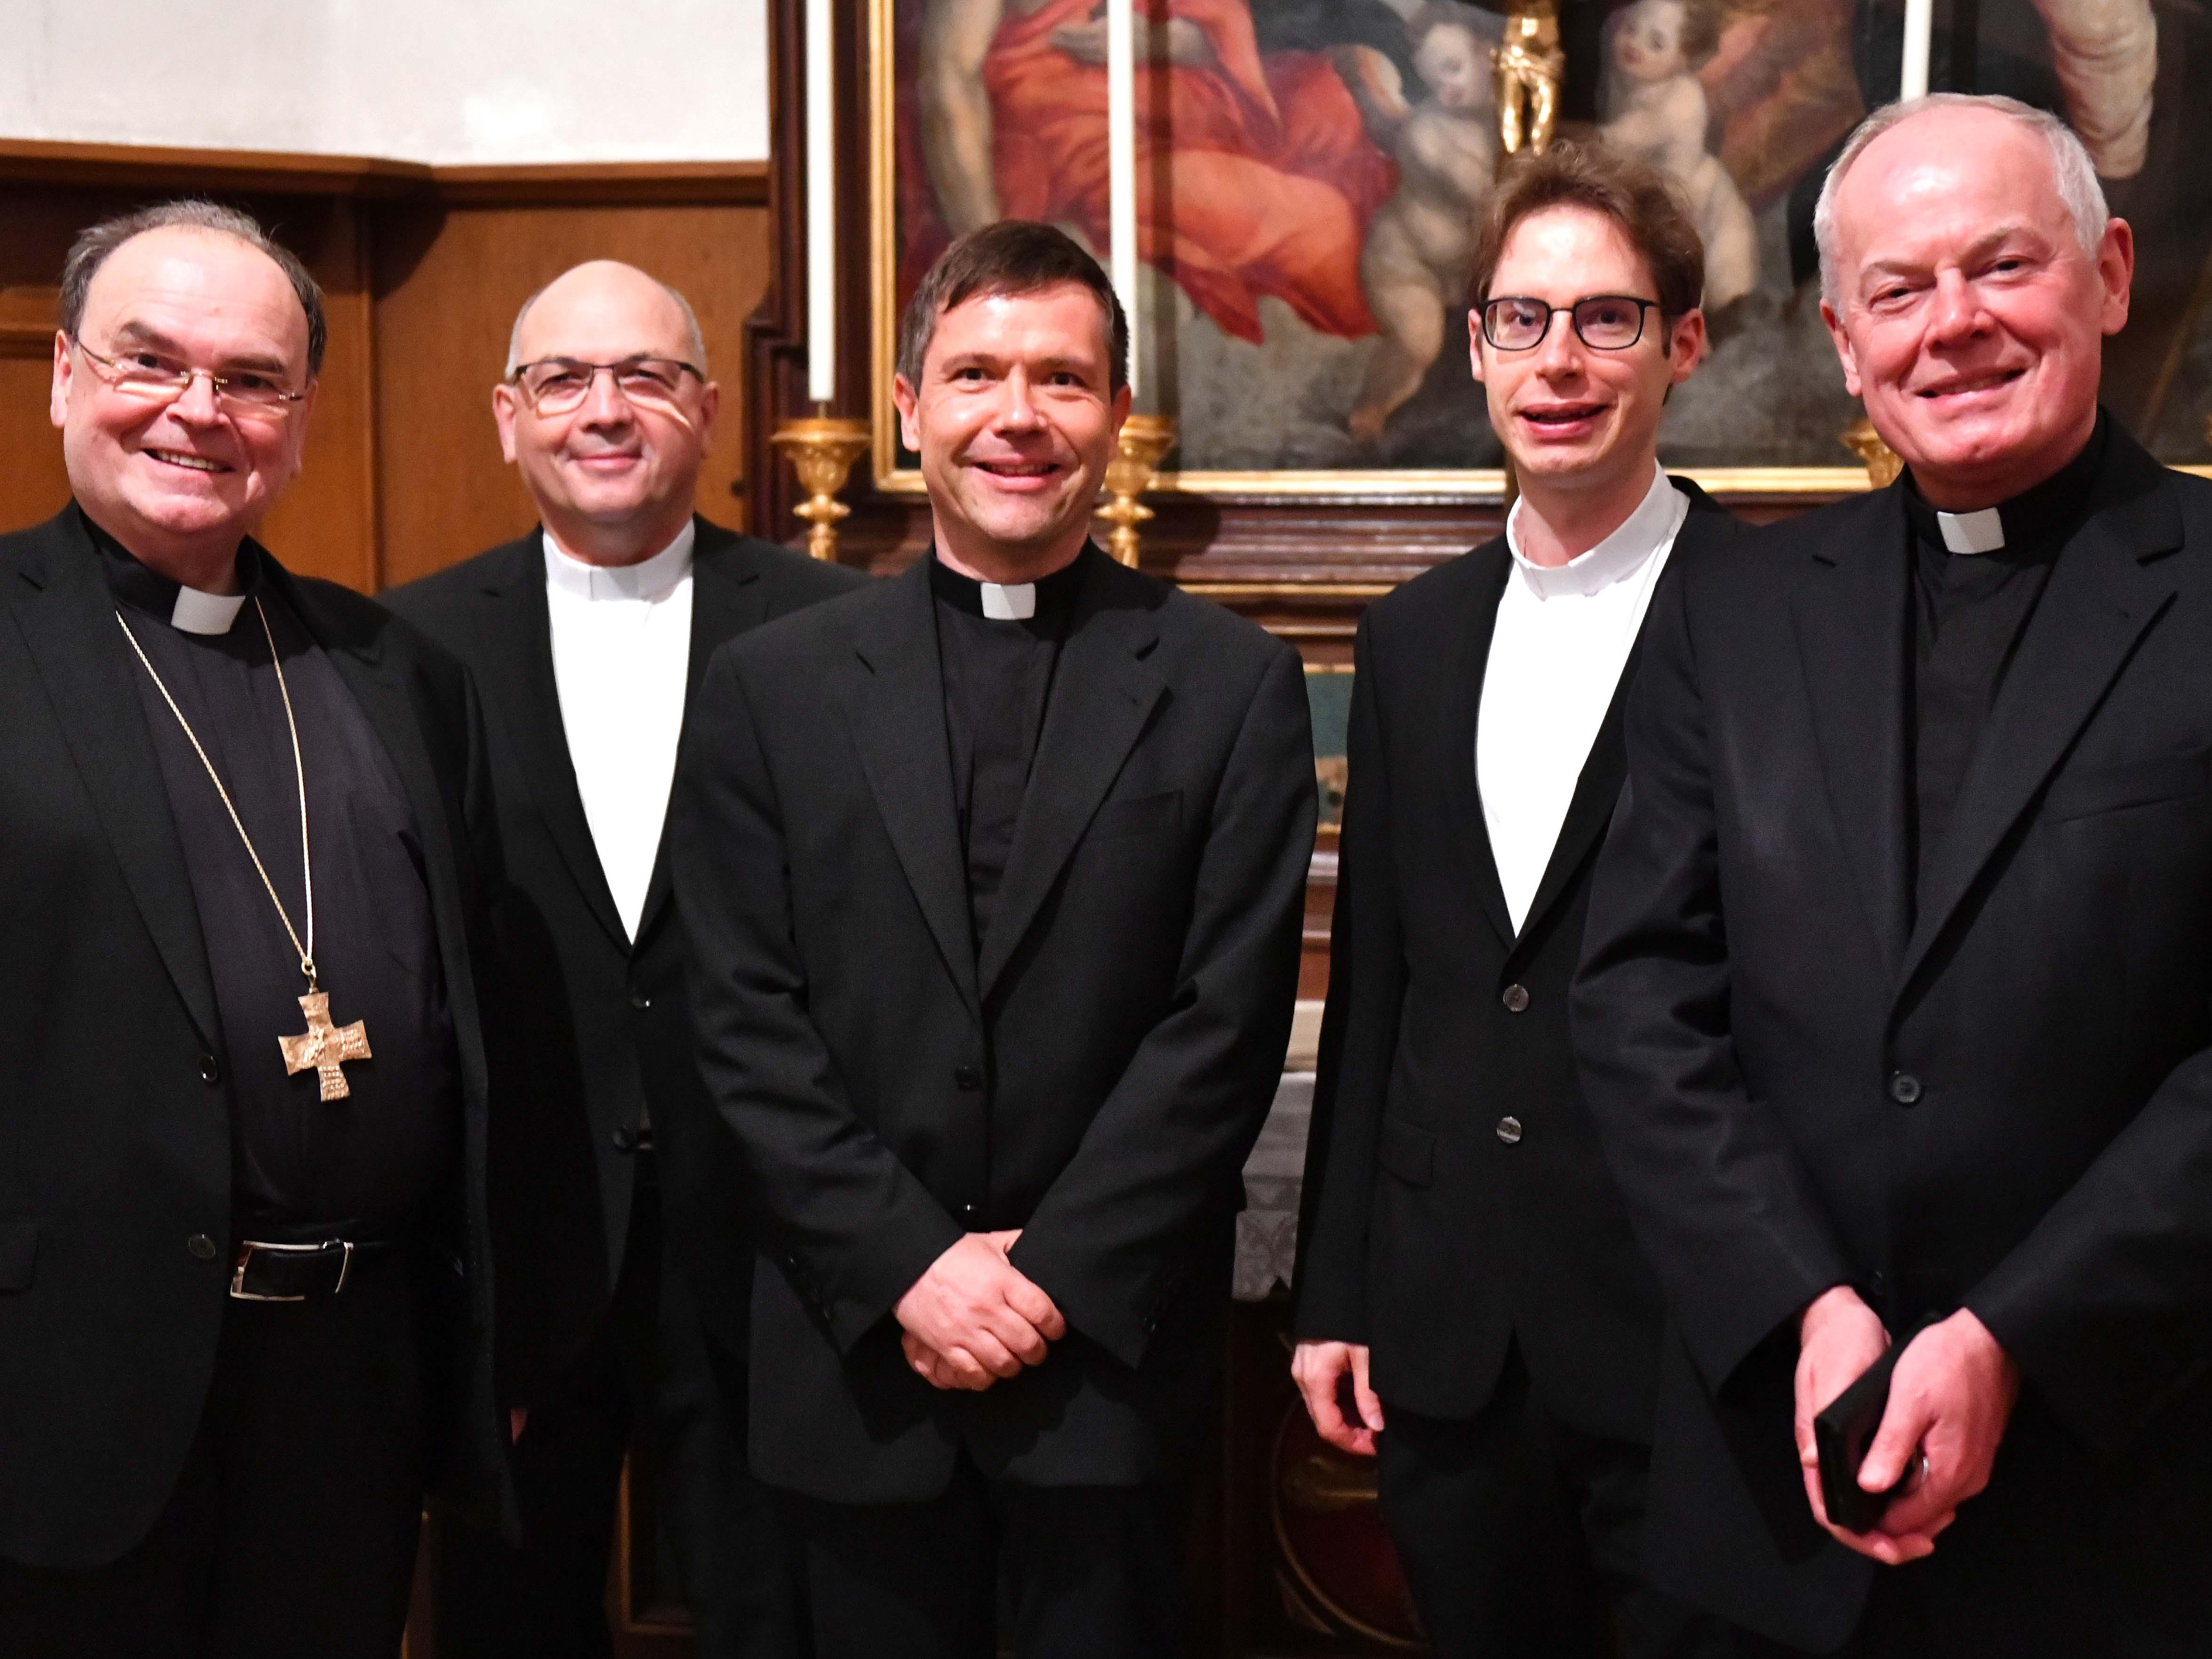 Vom Bischof und vom Dompropst umrahmt: Die drei neuen Domvikare Ulrich Müller, Peter Seidel und Tobias Wolf (Foto: Ulrich Bobinger / pba).